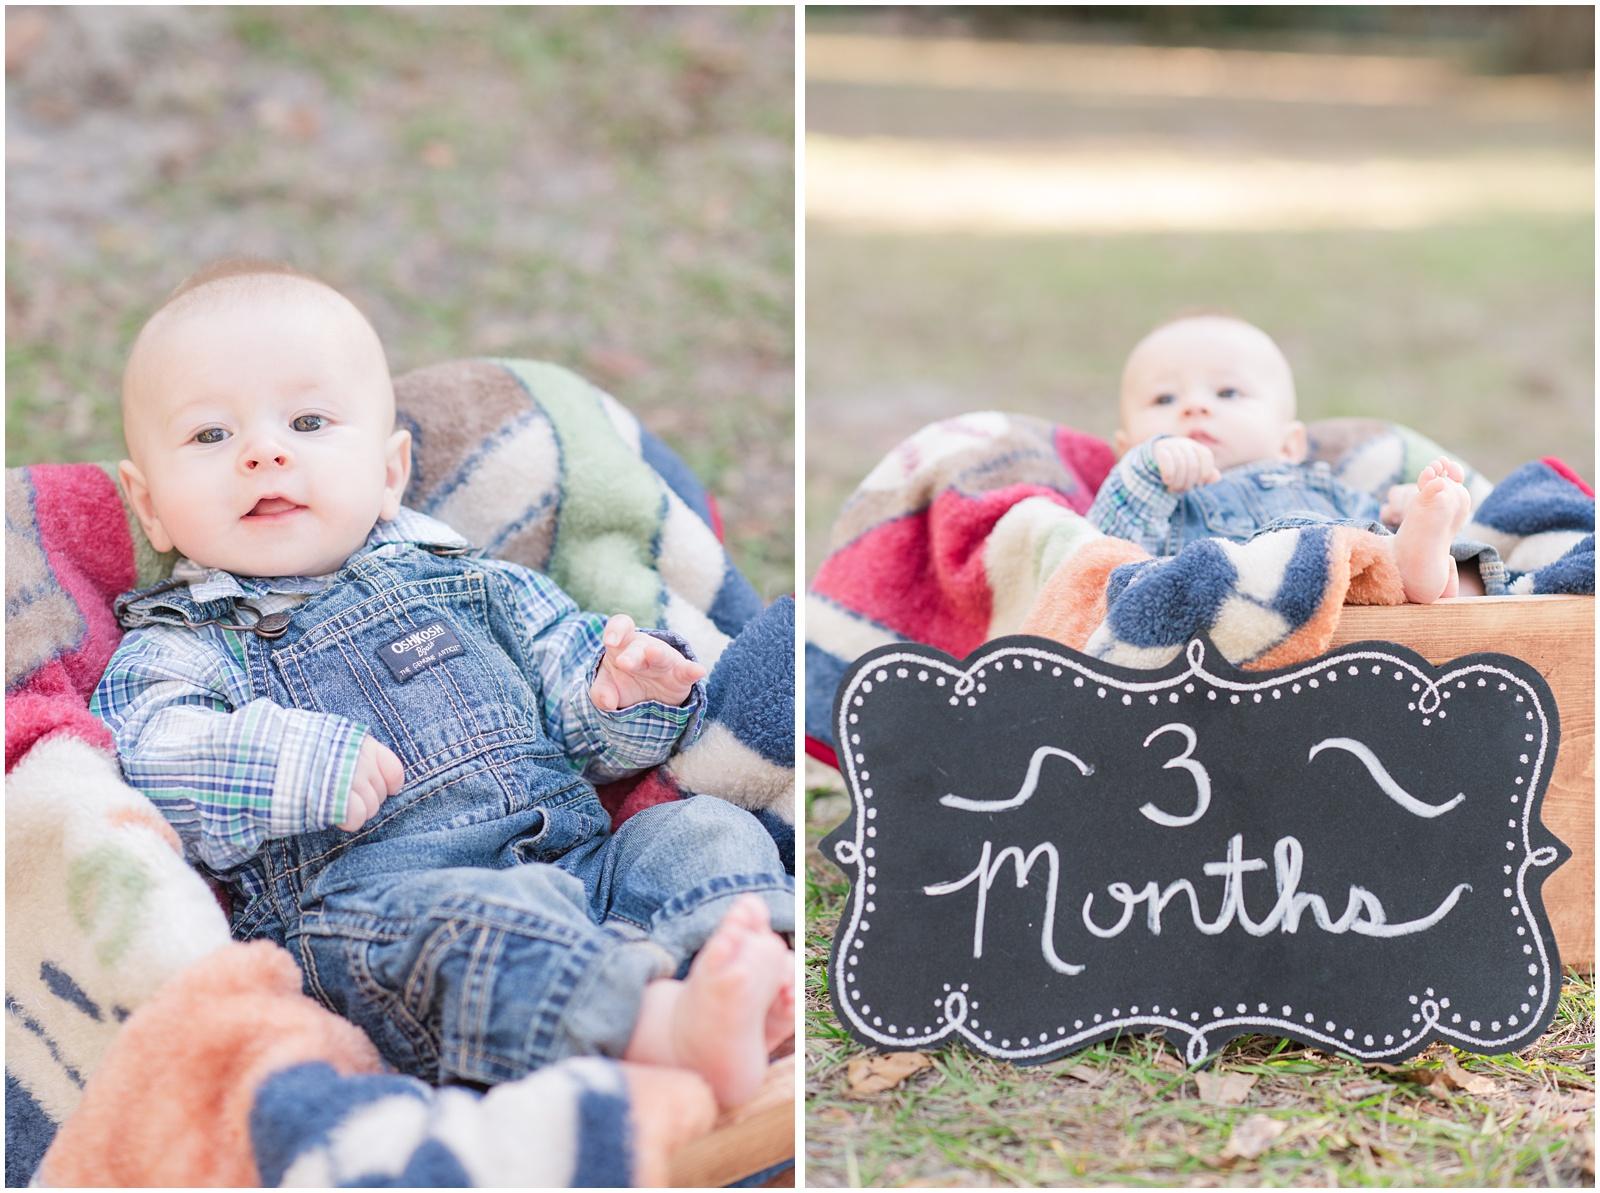 Newborn_Portraits_3 Months_Baby_Alpine Groves Park_6.jpg